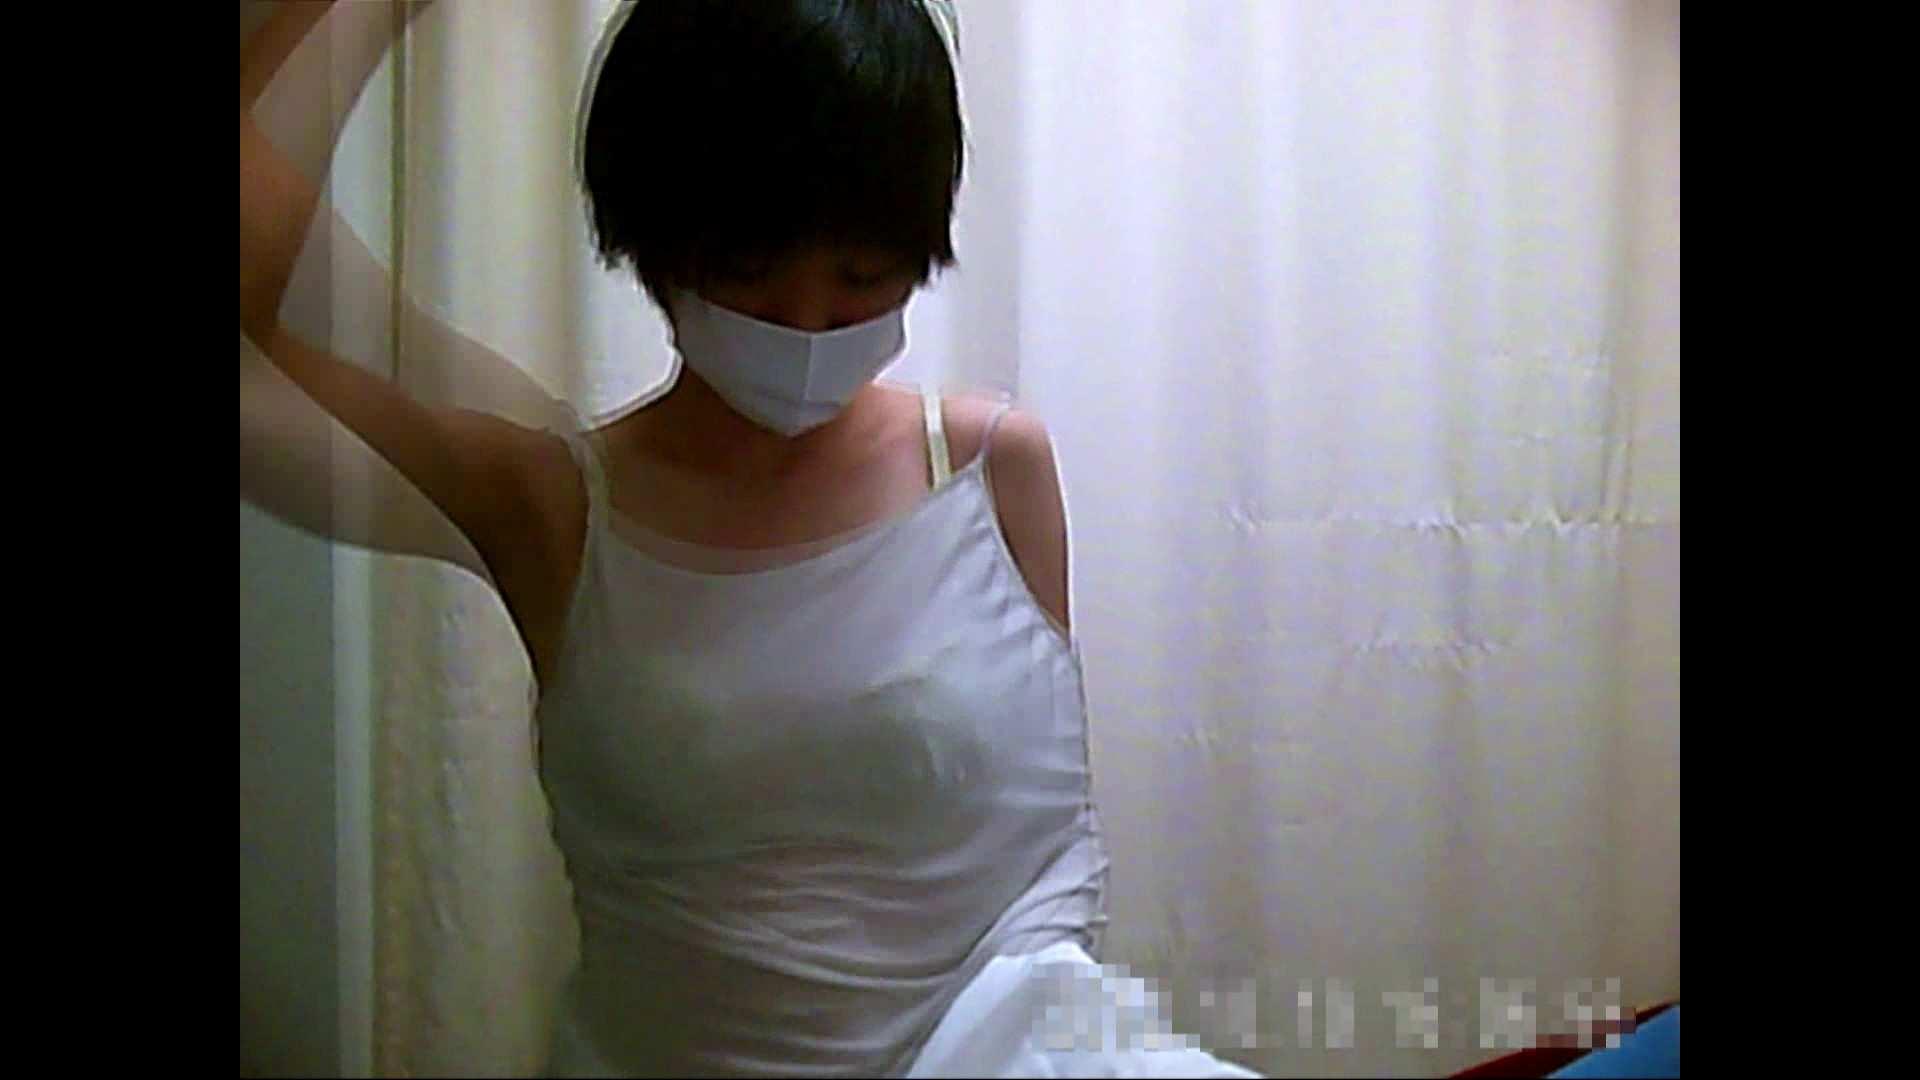 病院おもいっきり着替え! vol.233 OLセックス 盗撮セックス無修正動画無料 103画像 30